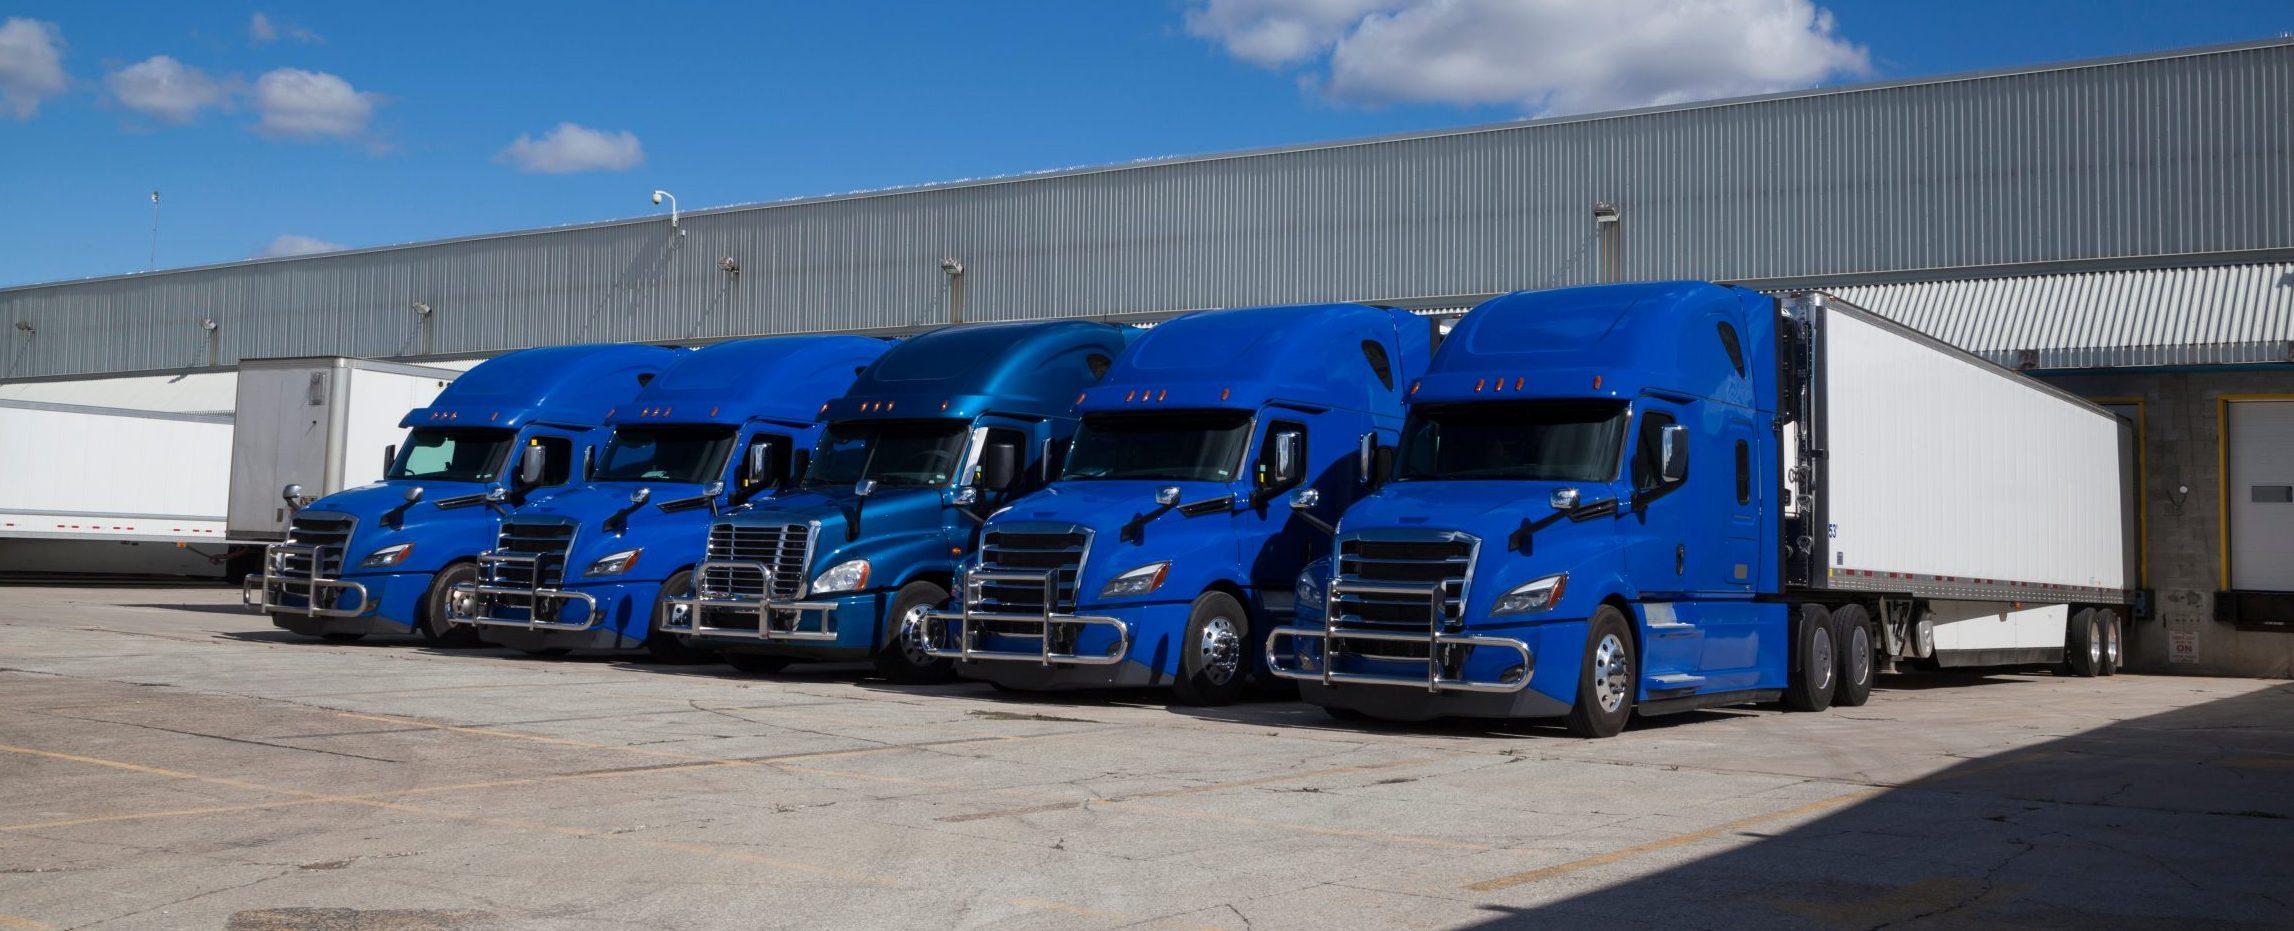 trucks fleet on boarding